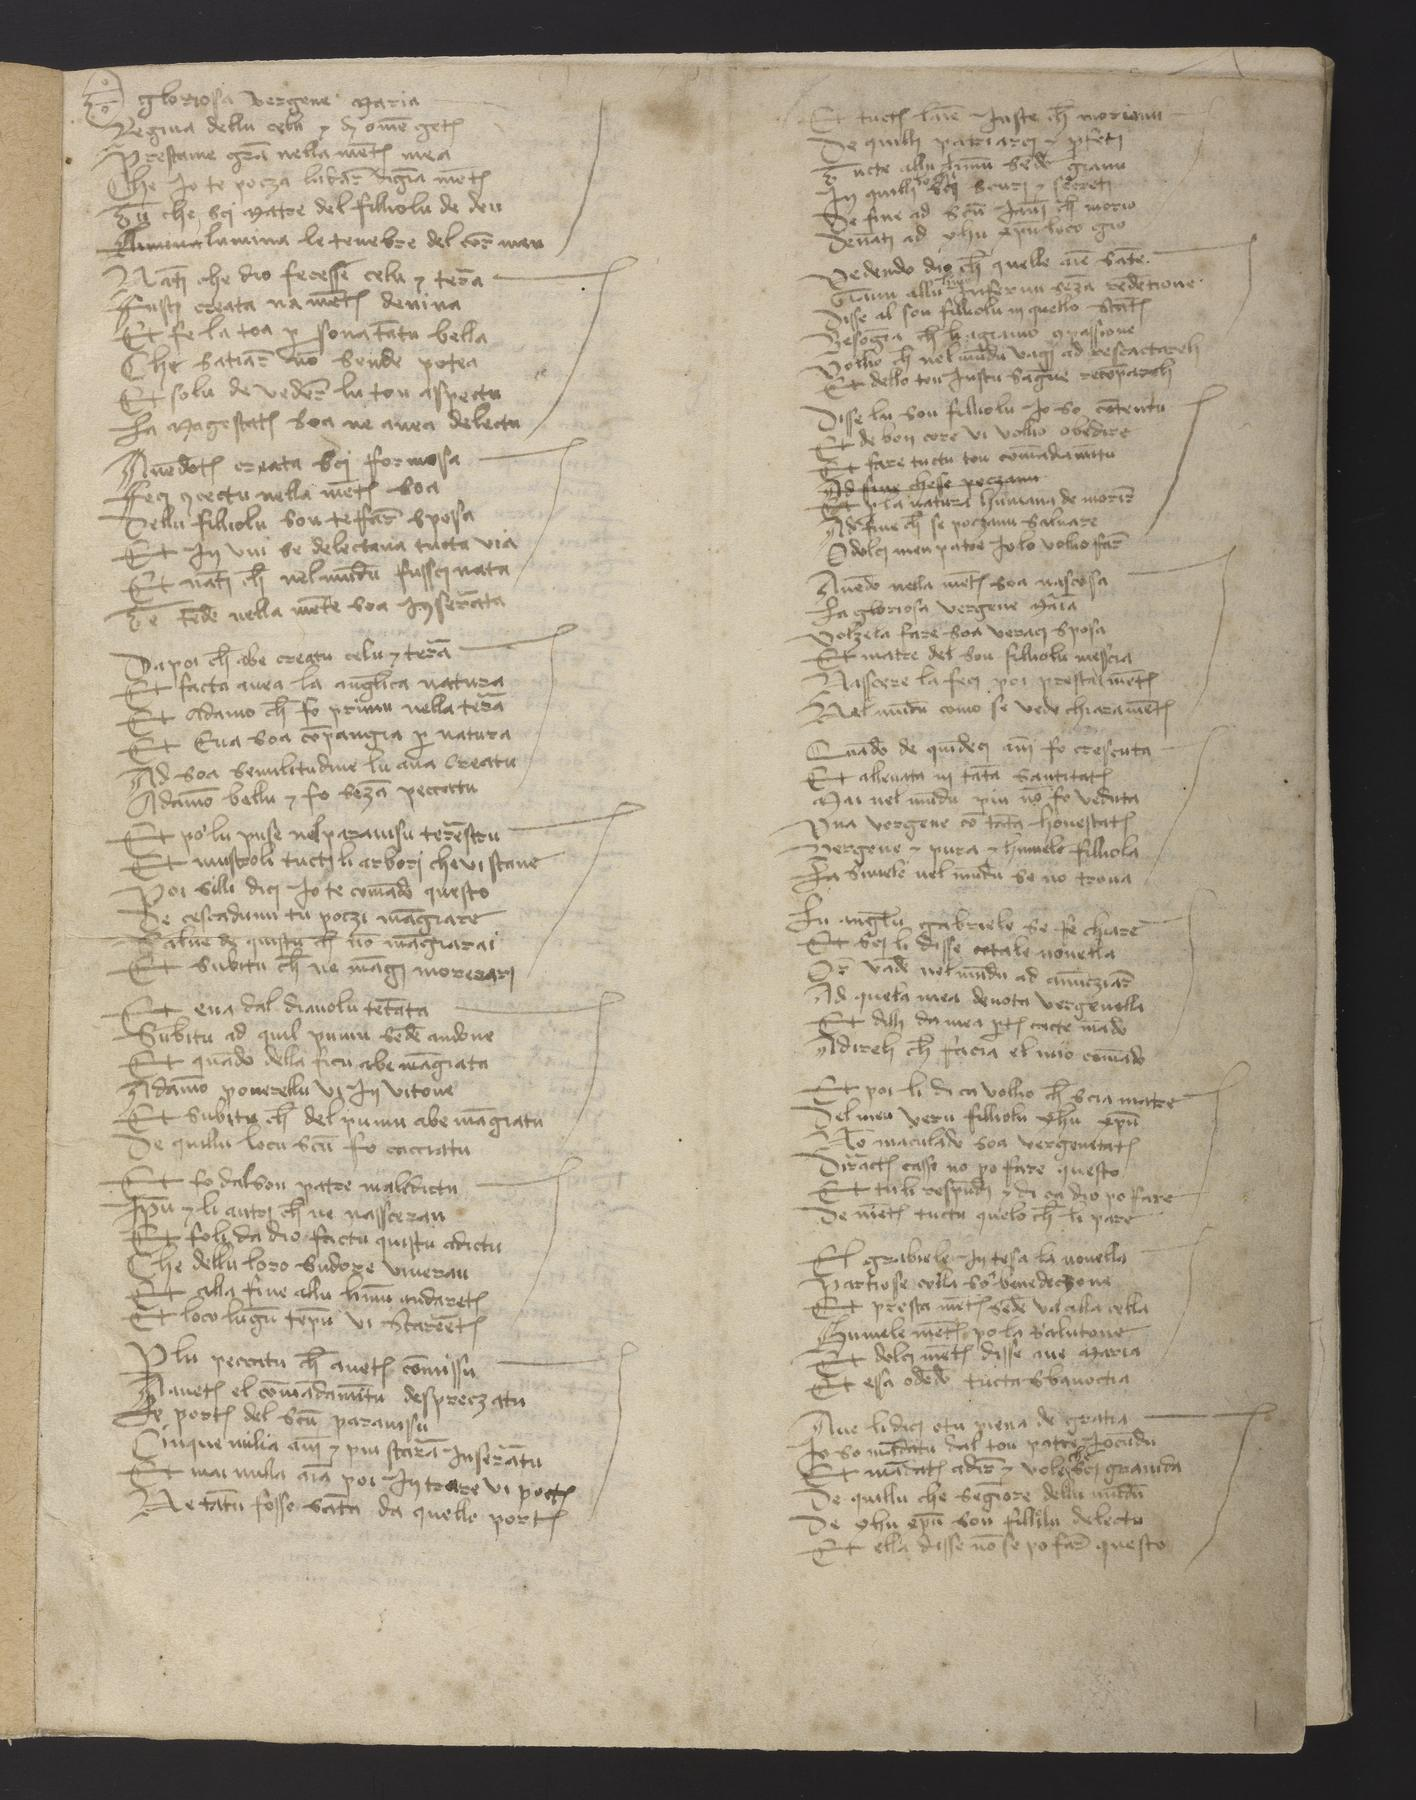 OPenn: Ms  Codex 249 Carmine alla Beata Vergine Maria